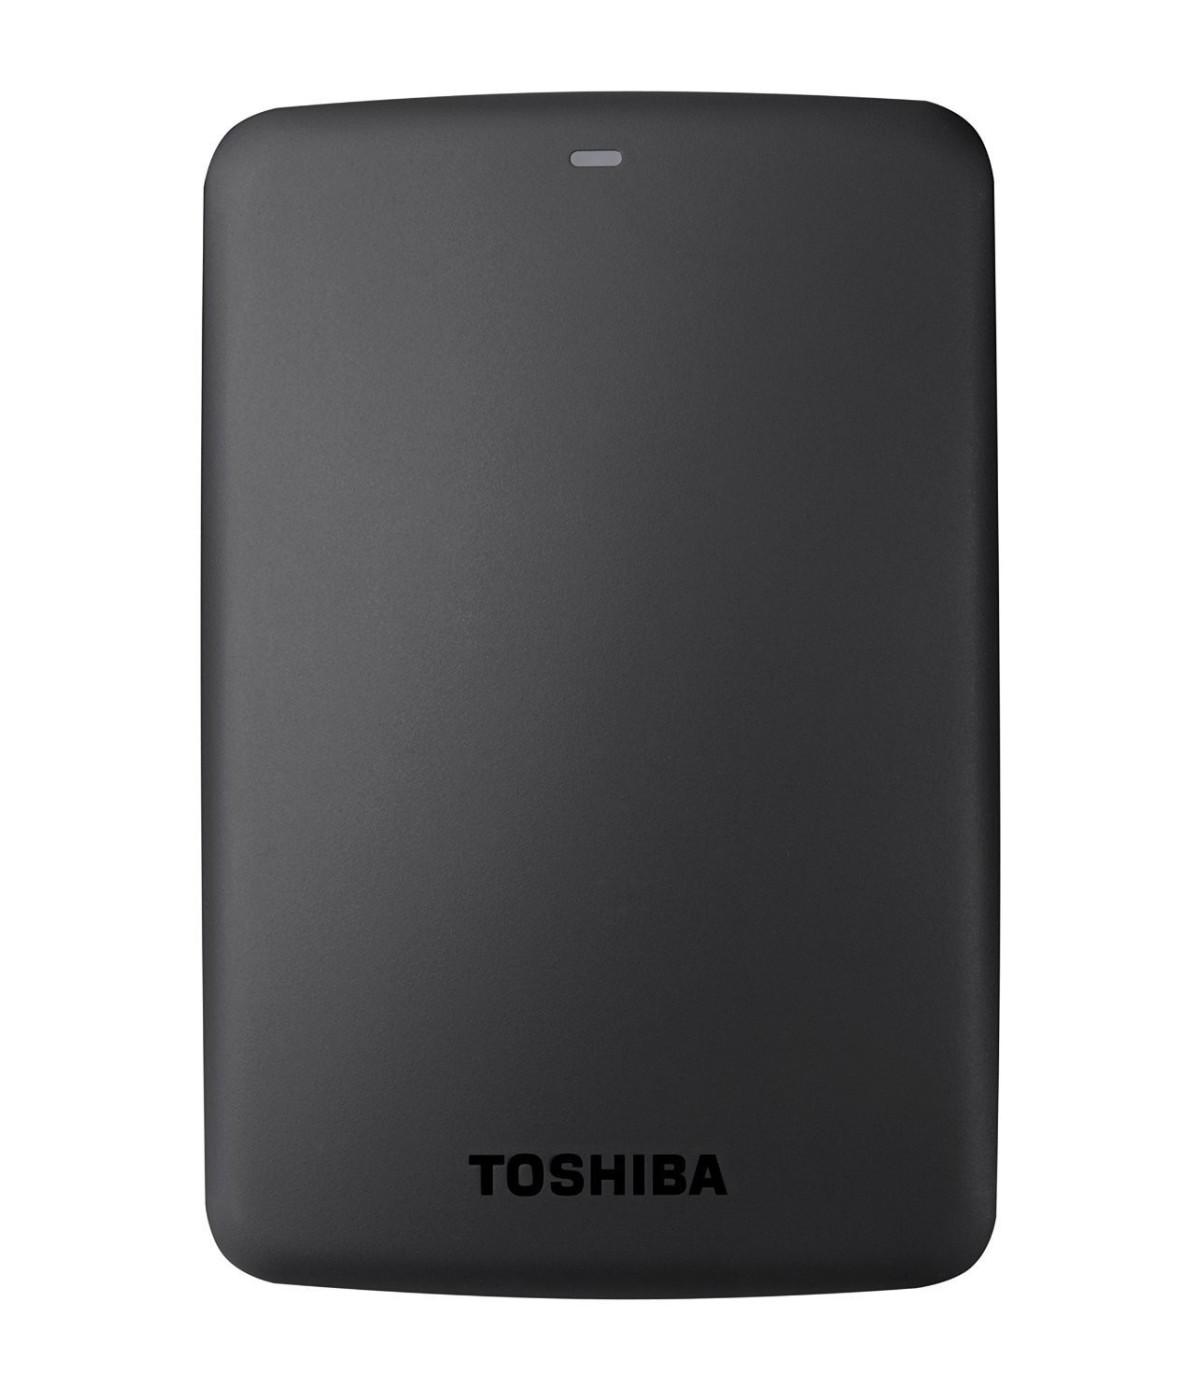 DISCO DURO EXTERNO TOSHIBA 1TB HDTB410XK3AA